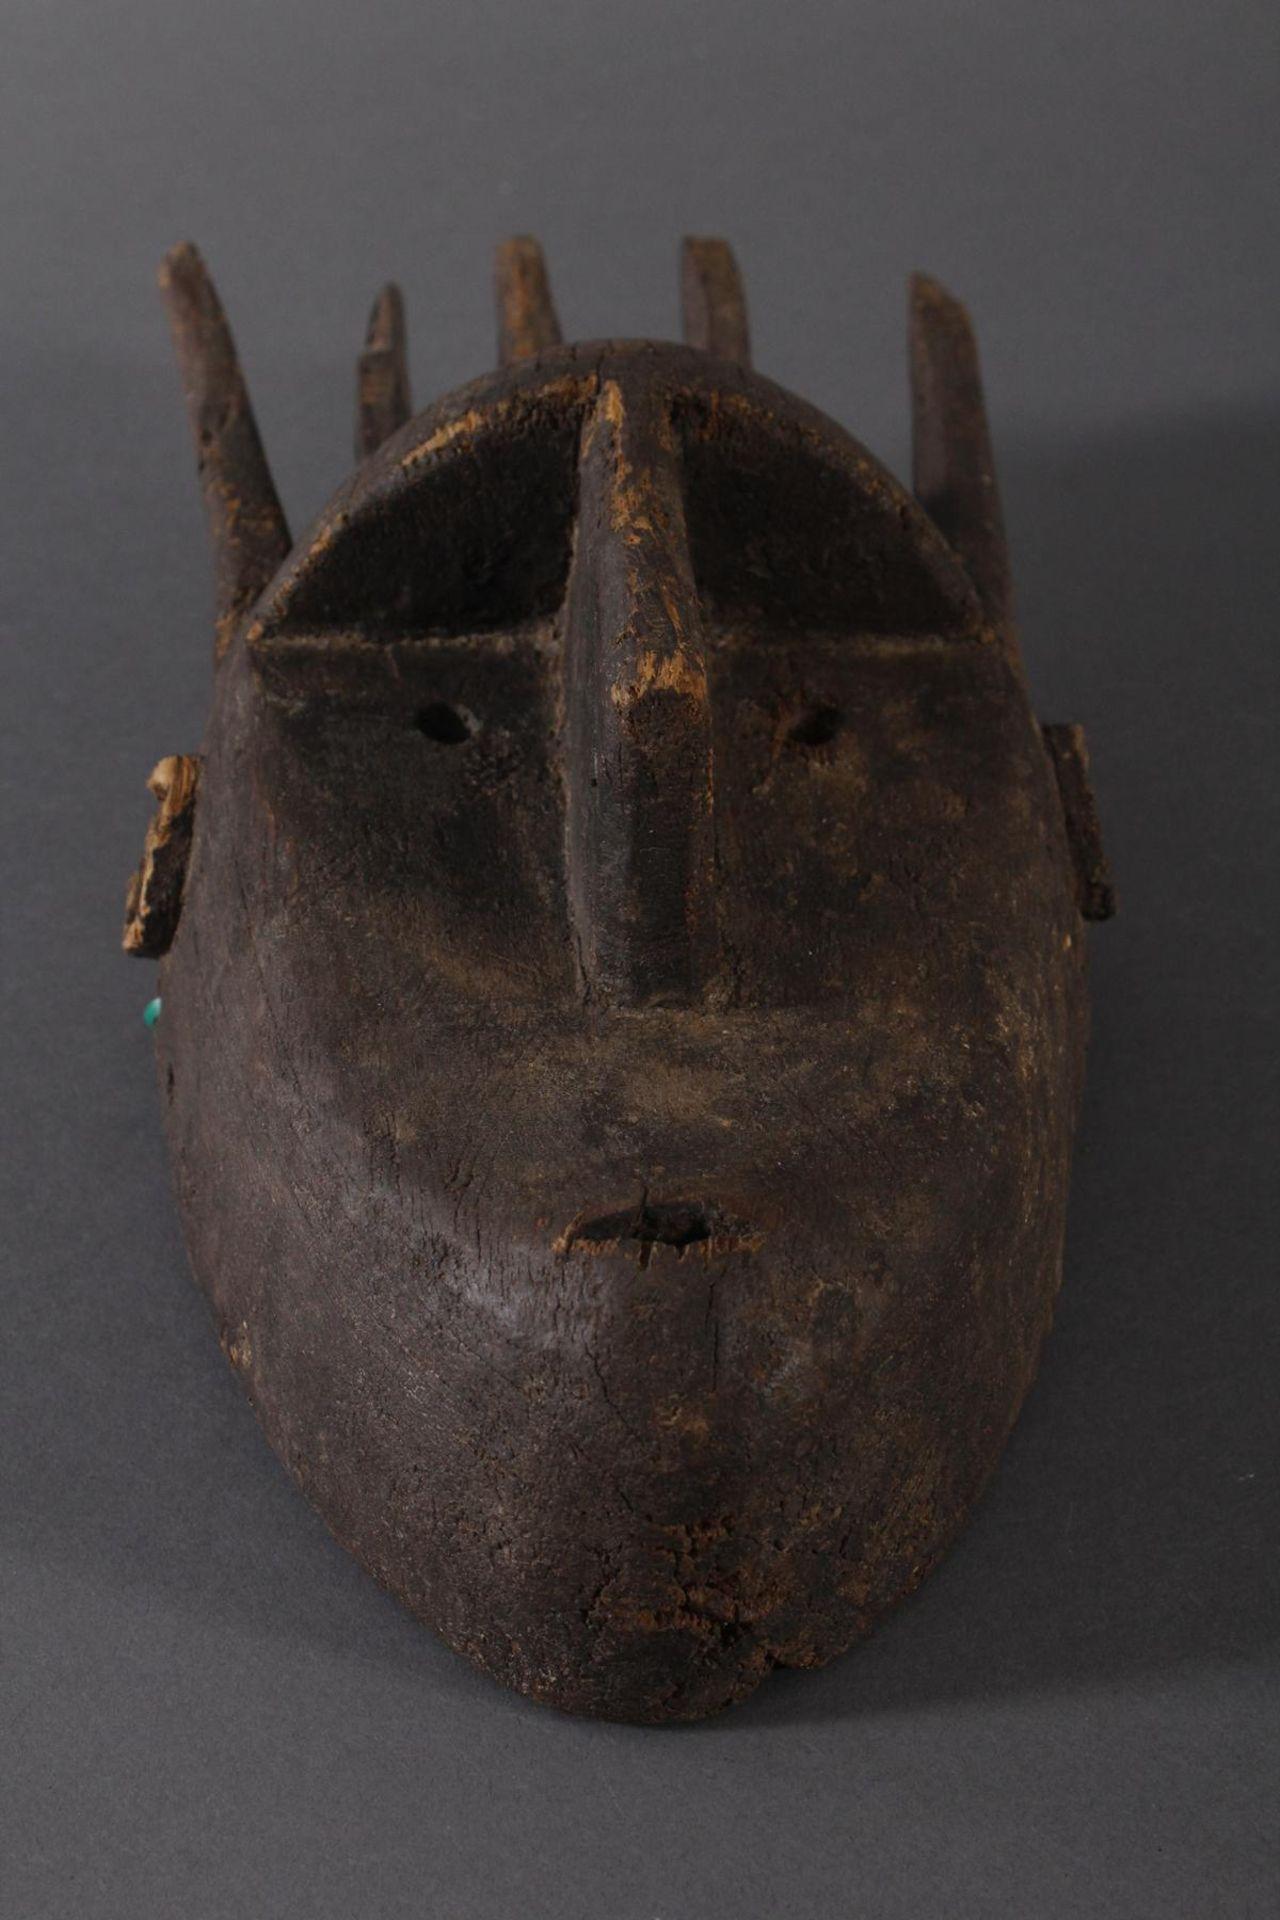 Antike Maske, Marka, Mali 1.Hälfte 19. Jh.Holz geschnitzt, spitz ovales, schlankes Gesicht mit - Bild 4 aus 6